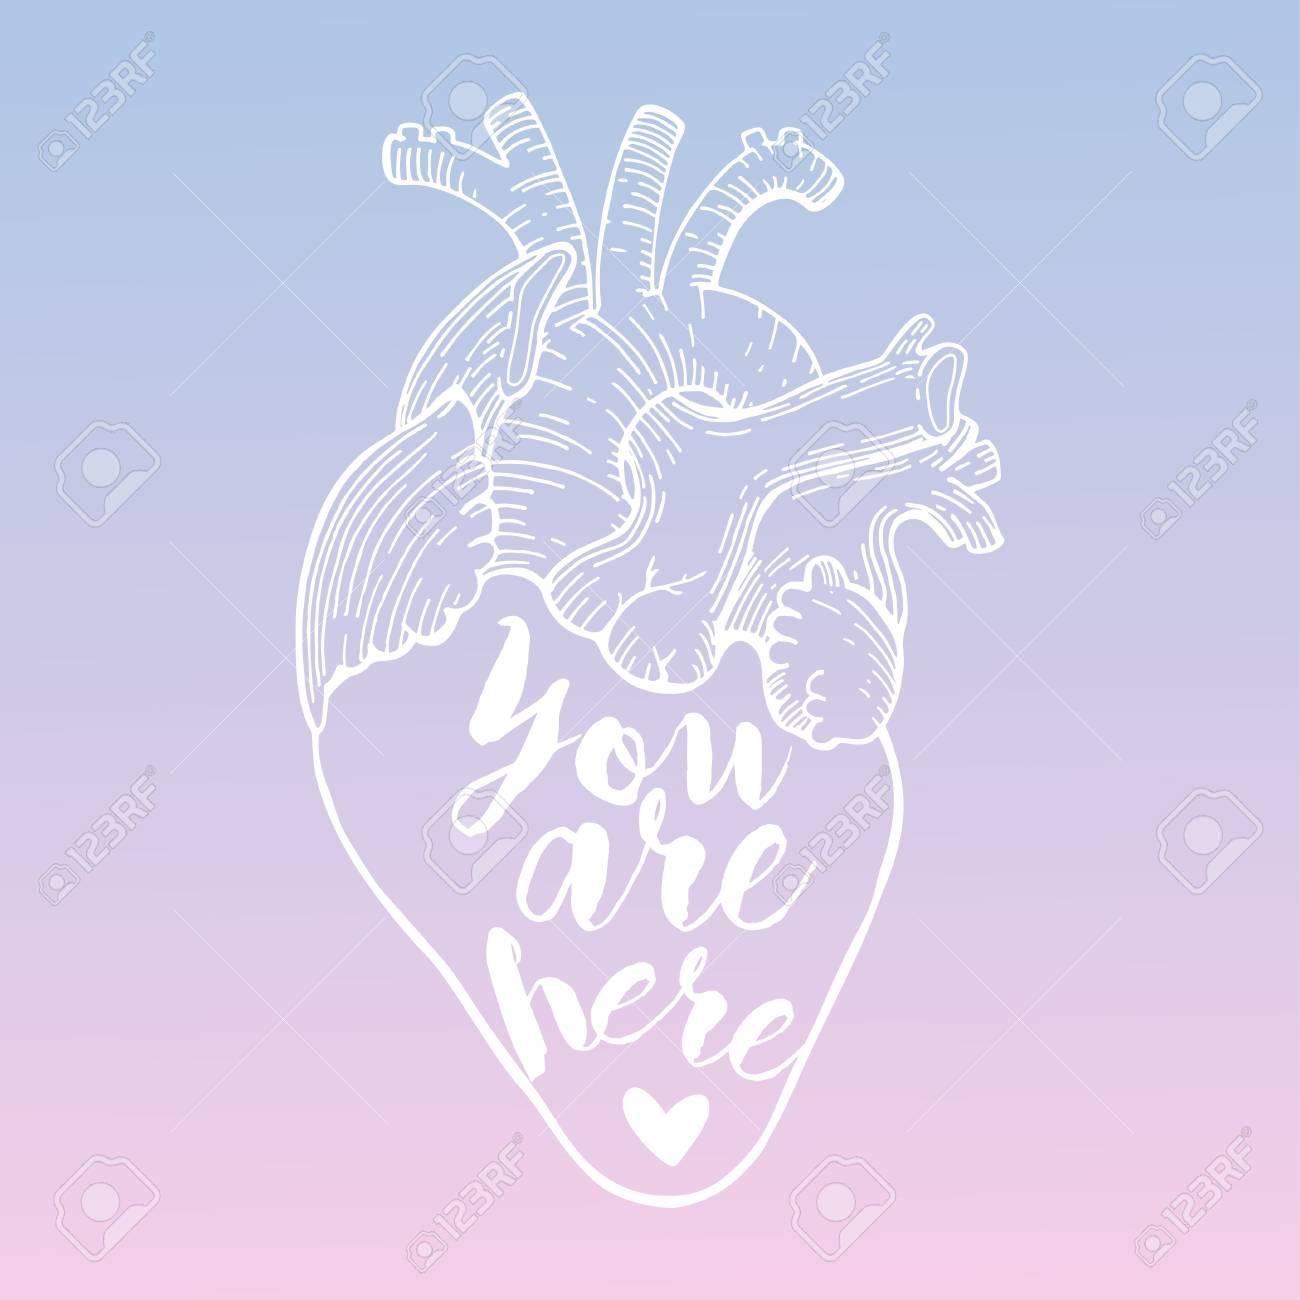 ... cuarzo rosa y la serenidad. Corazón del vector con cita. Estás aquí. En  color Pantone del año 2016 de 2e682838a5e8